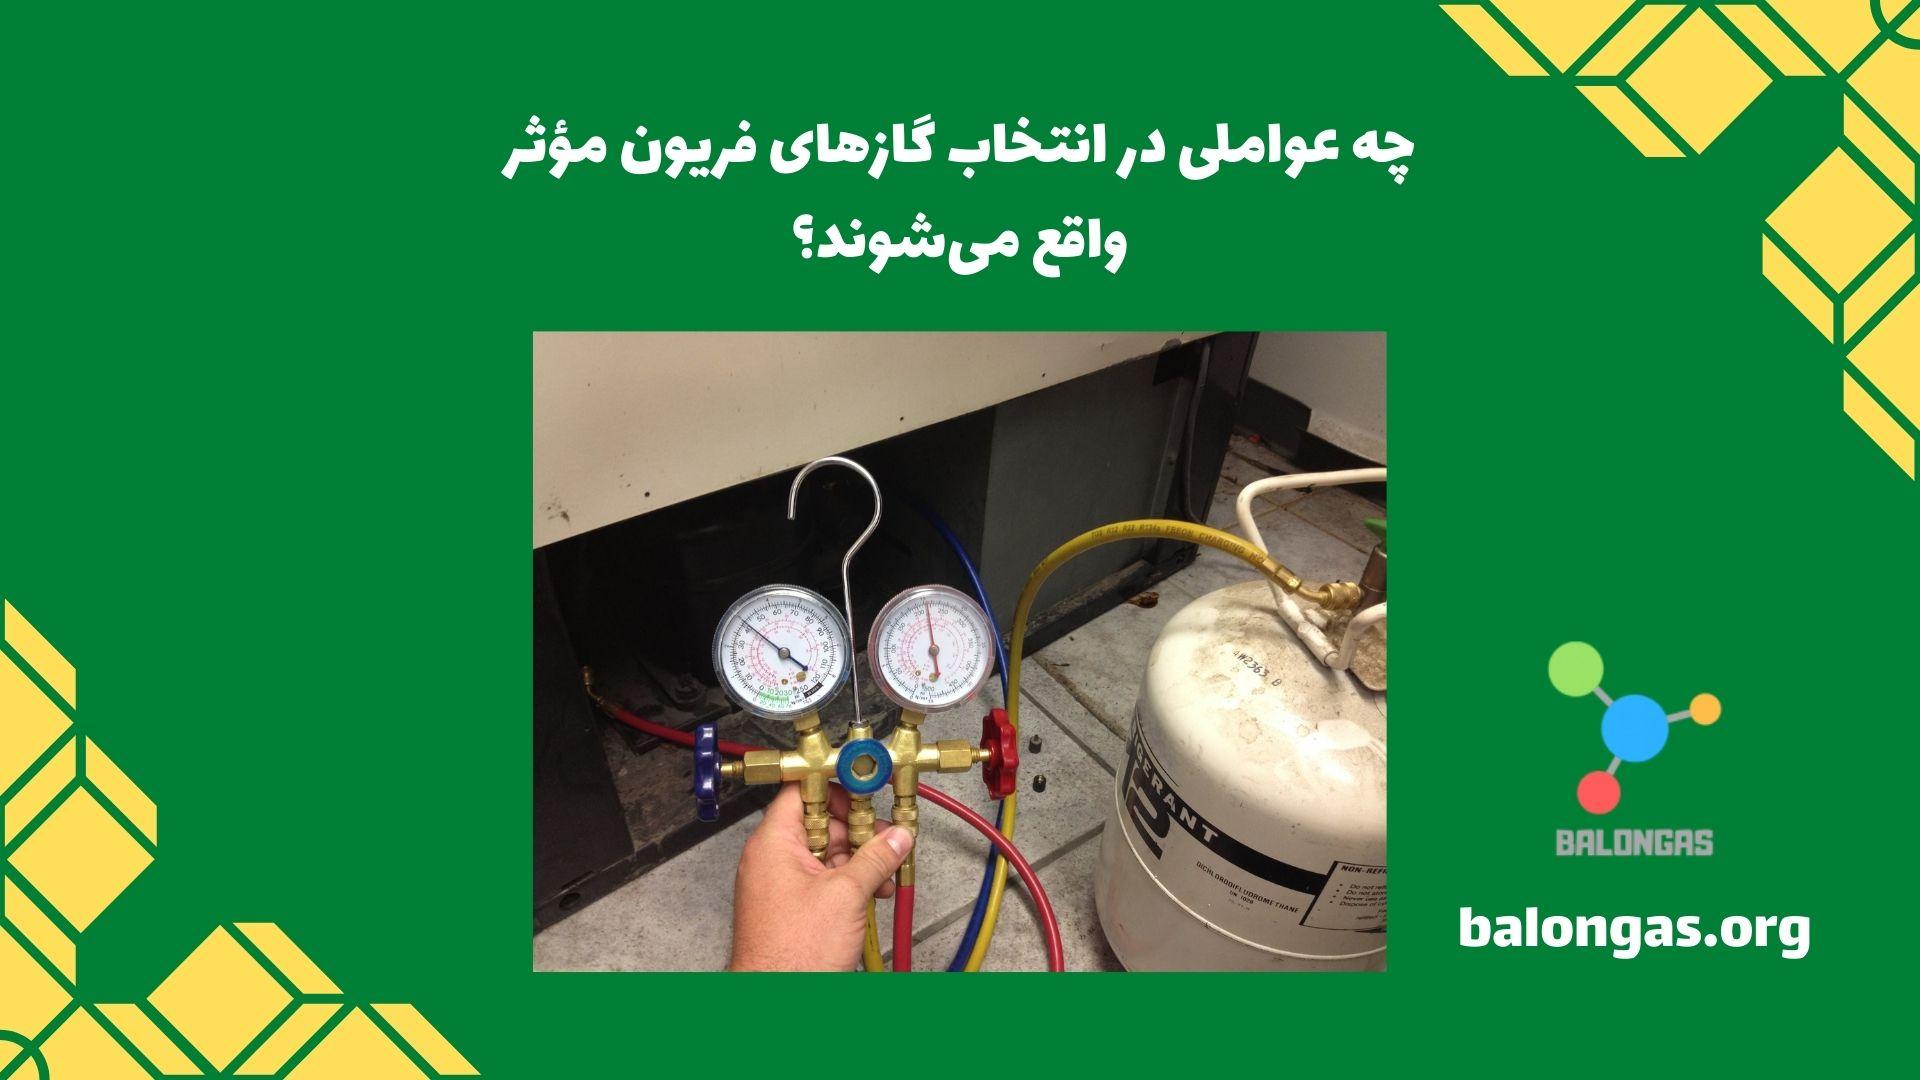 چه عواملی در انتخاب گازهای فریون مؤثر واقع میشوند؟